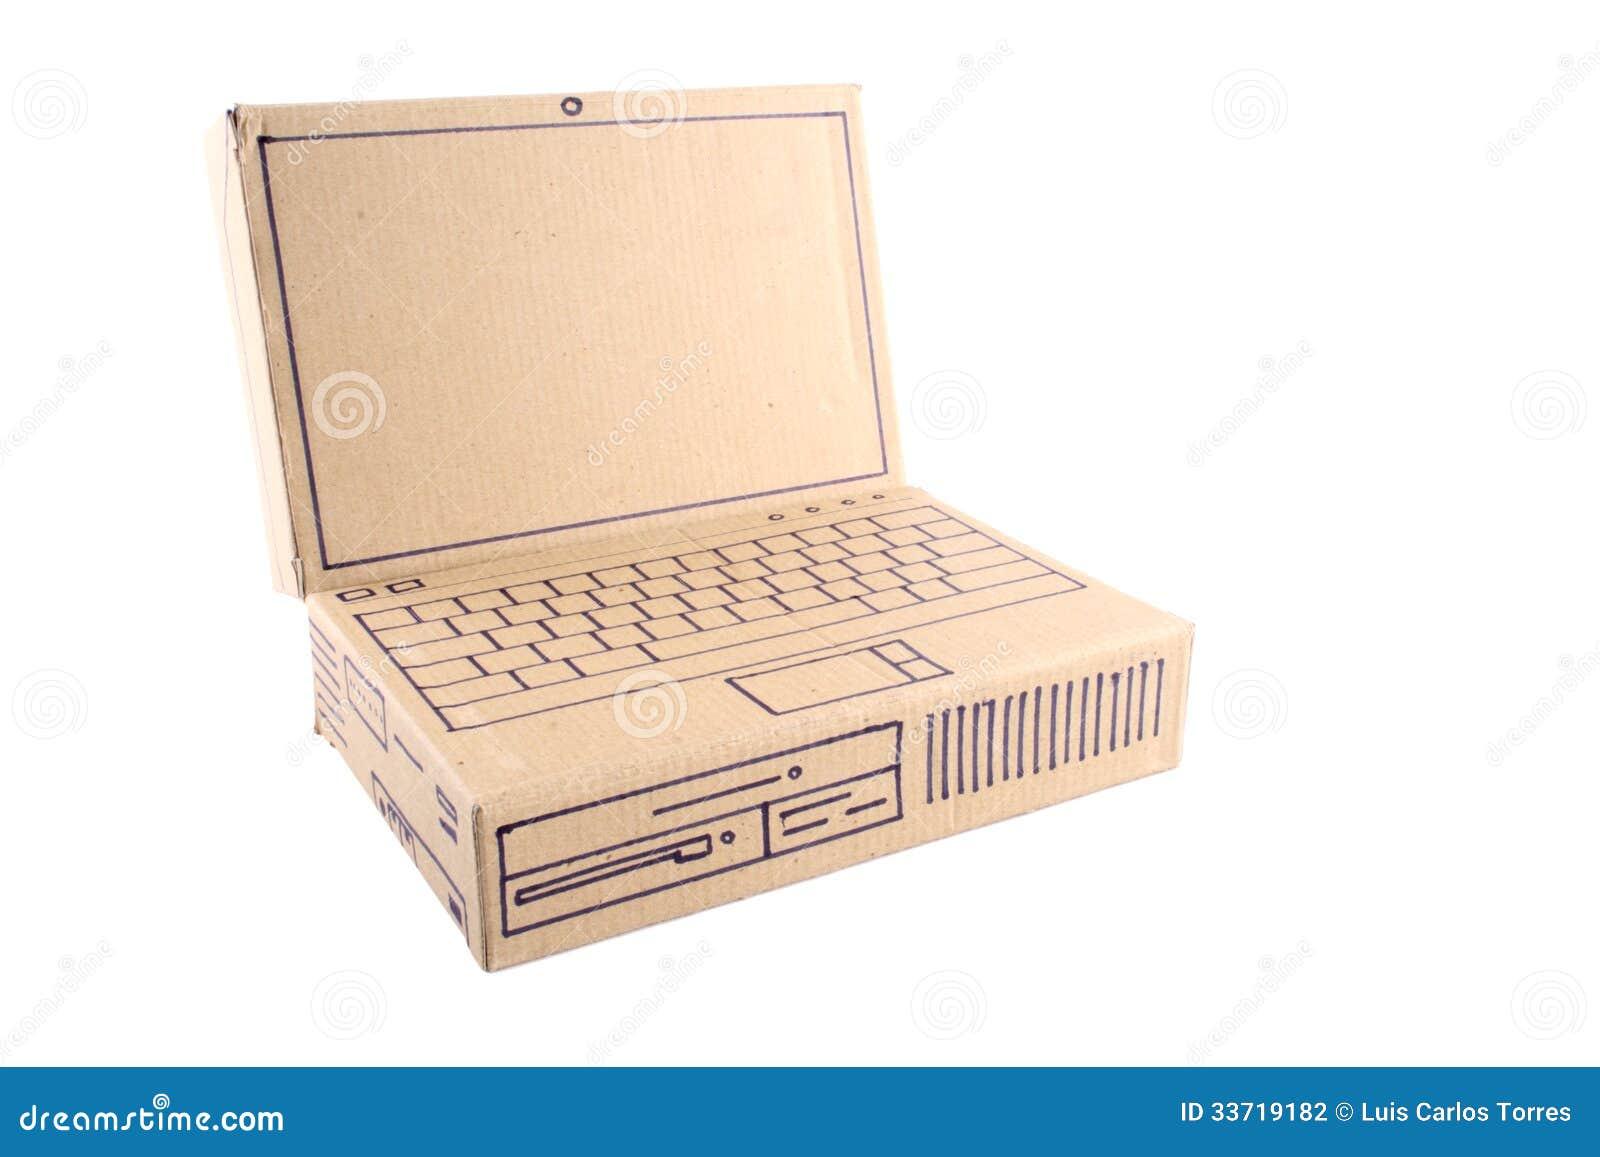 laptop aus pappe basteln